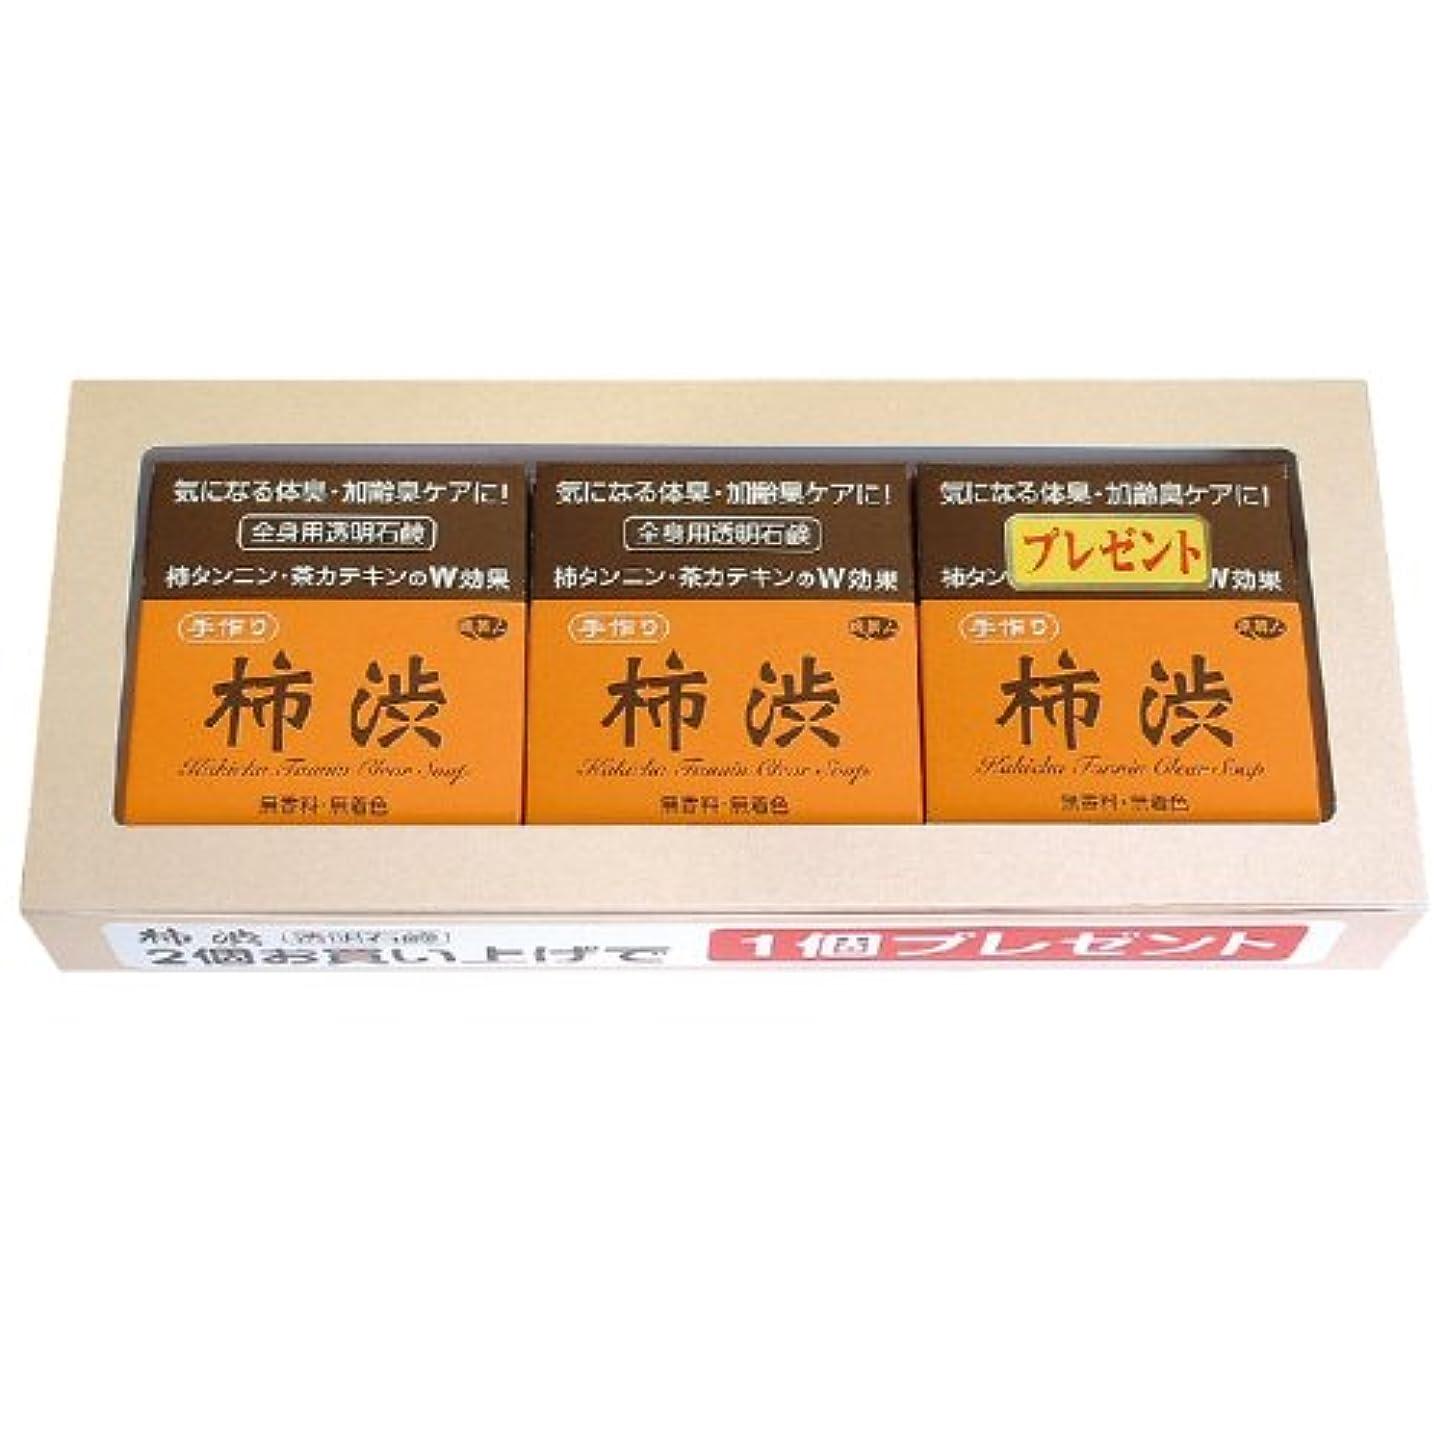 アリーナギャザーハドルアズマ商事の 柿渋透明石鹸 2個の値段で3個入りセット